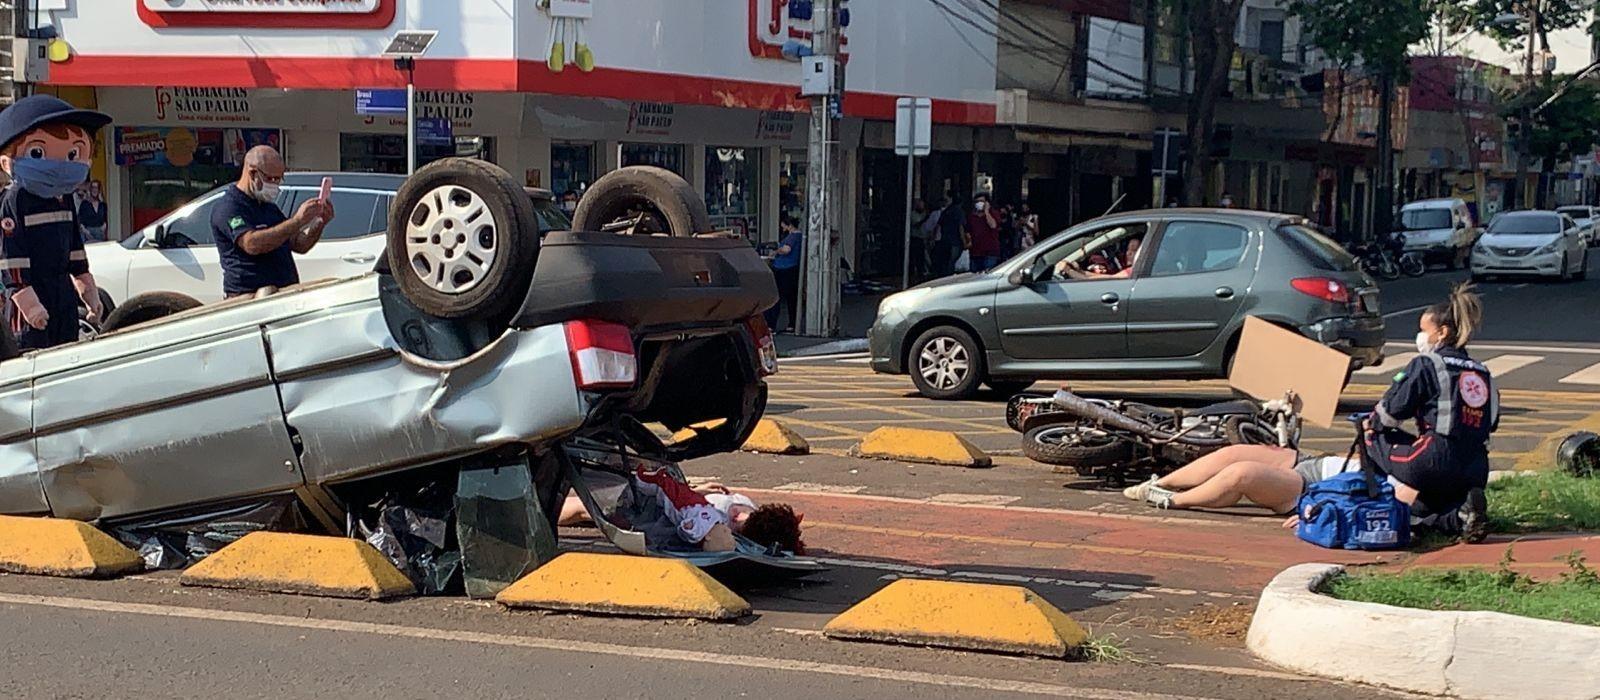 Década de Ações para a Segurança no Trânsito não resultou em redução expressiva de acidentes e mortes